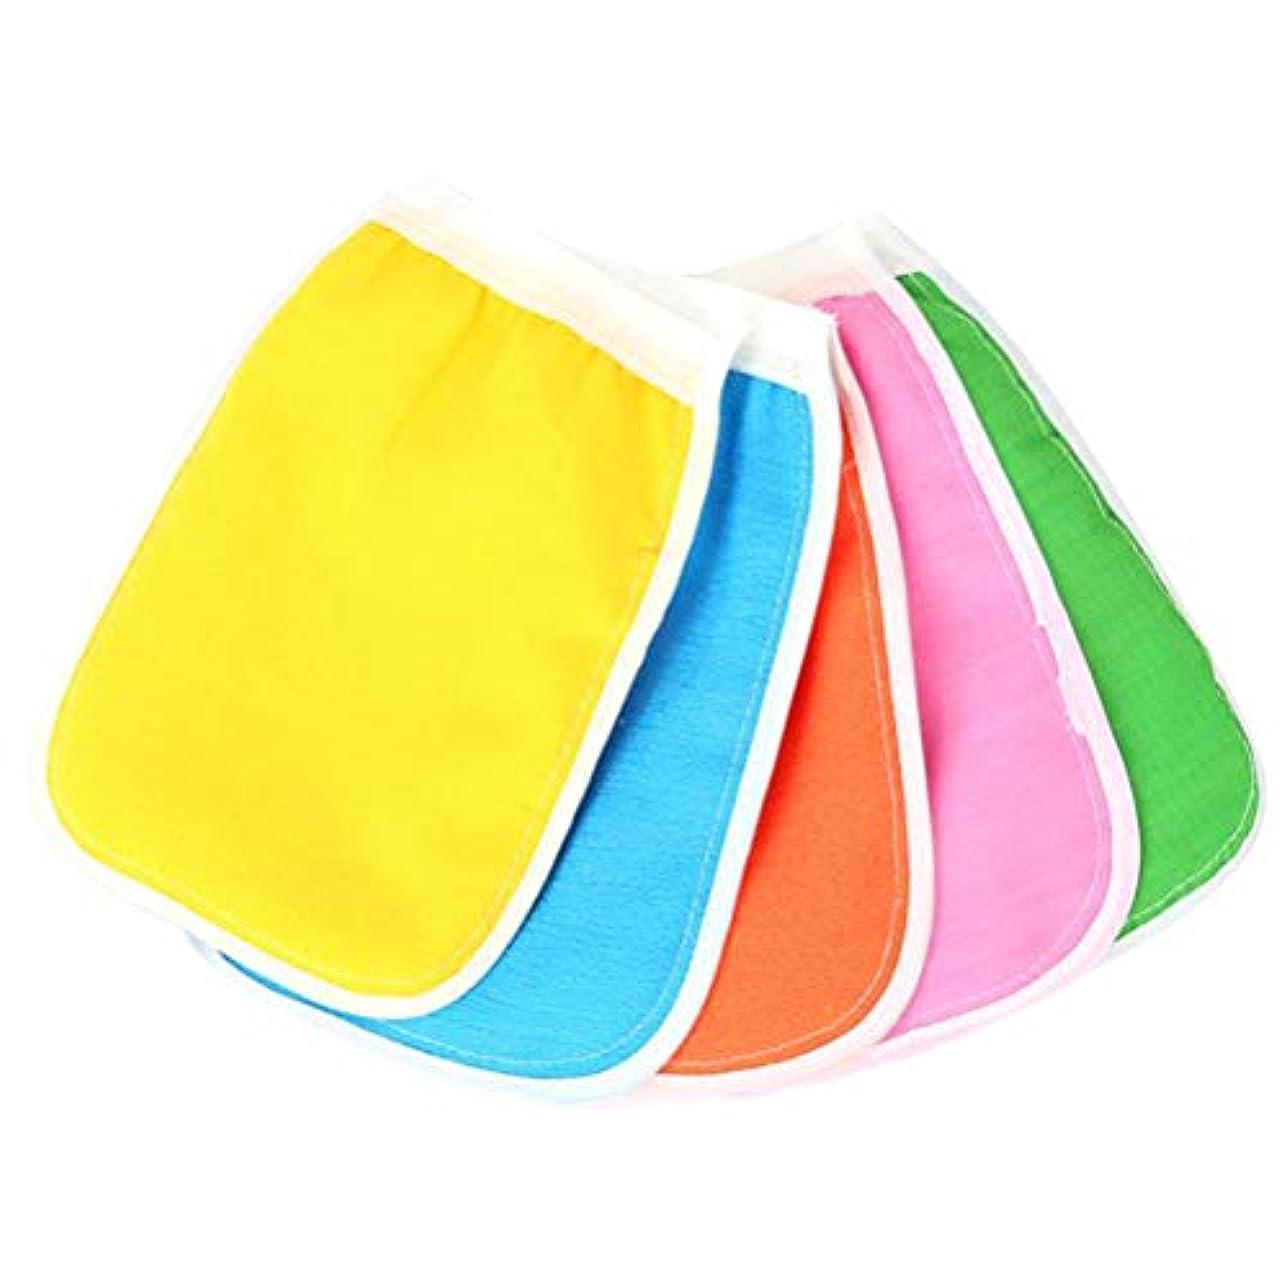 病気コークス酸化するHEALIFTY ボディスクラブミトン手袋入浴シャワースパ用クレンジングツール(混色)のための5本の剥離手袋